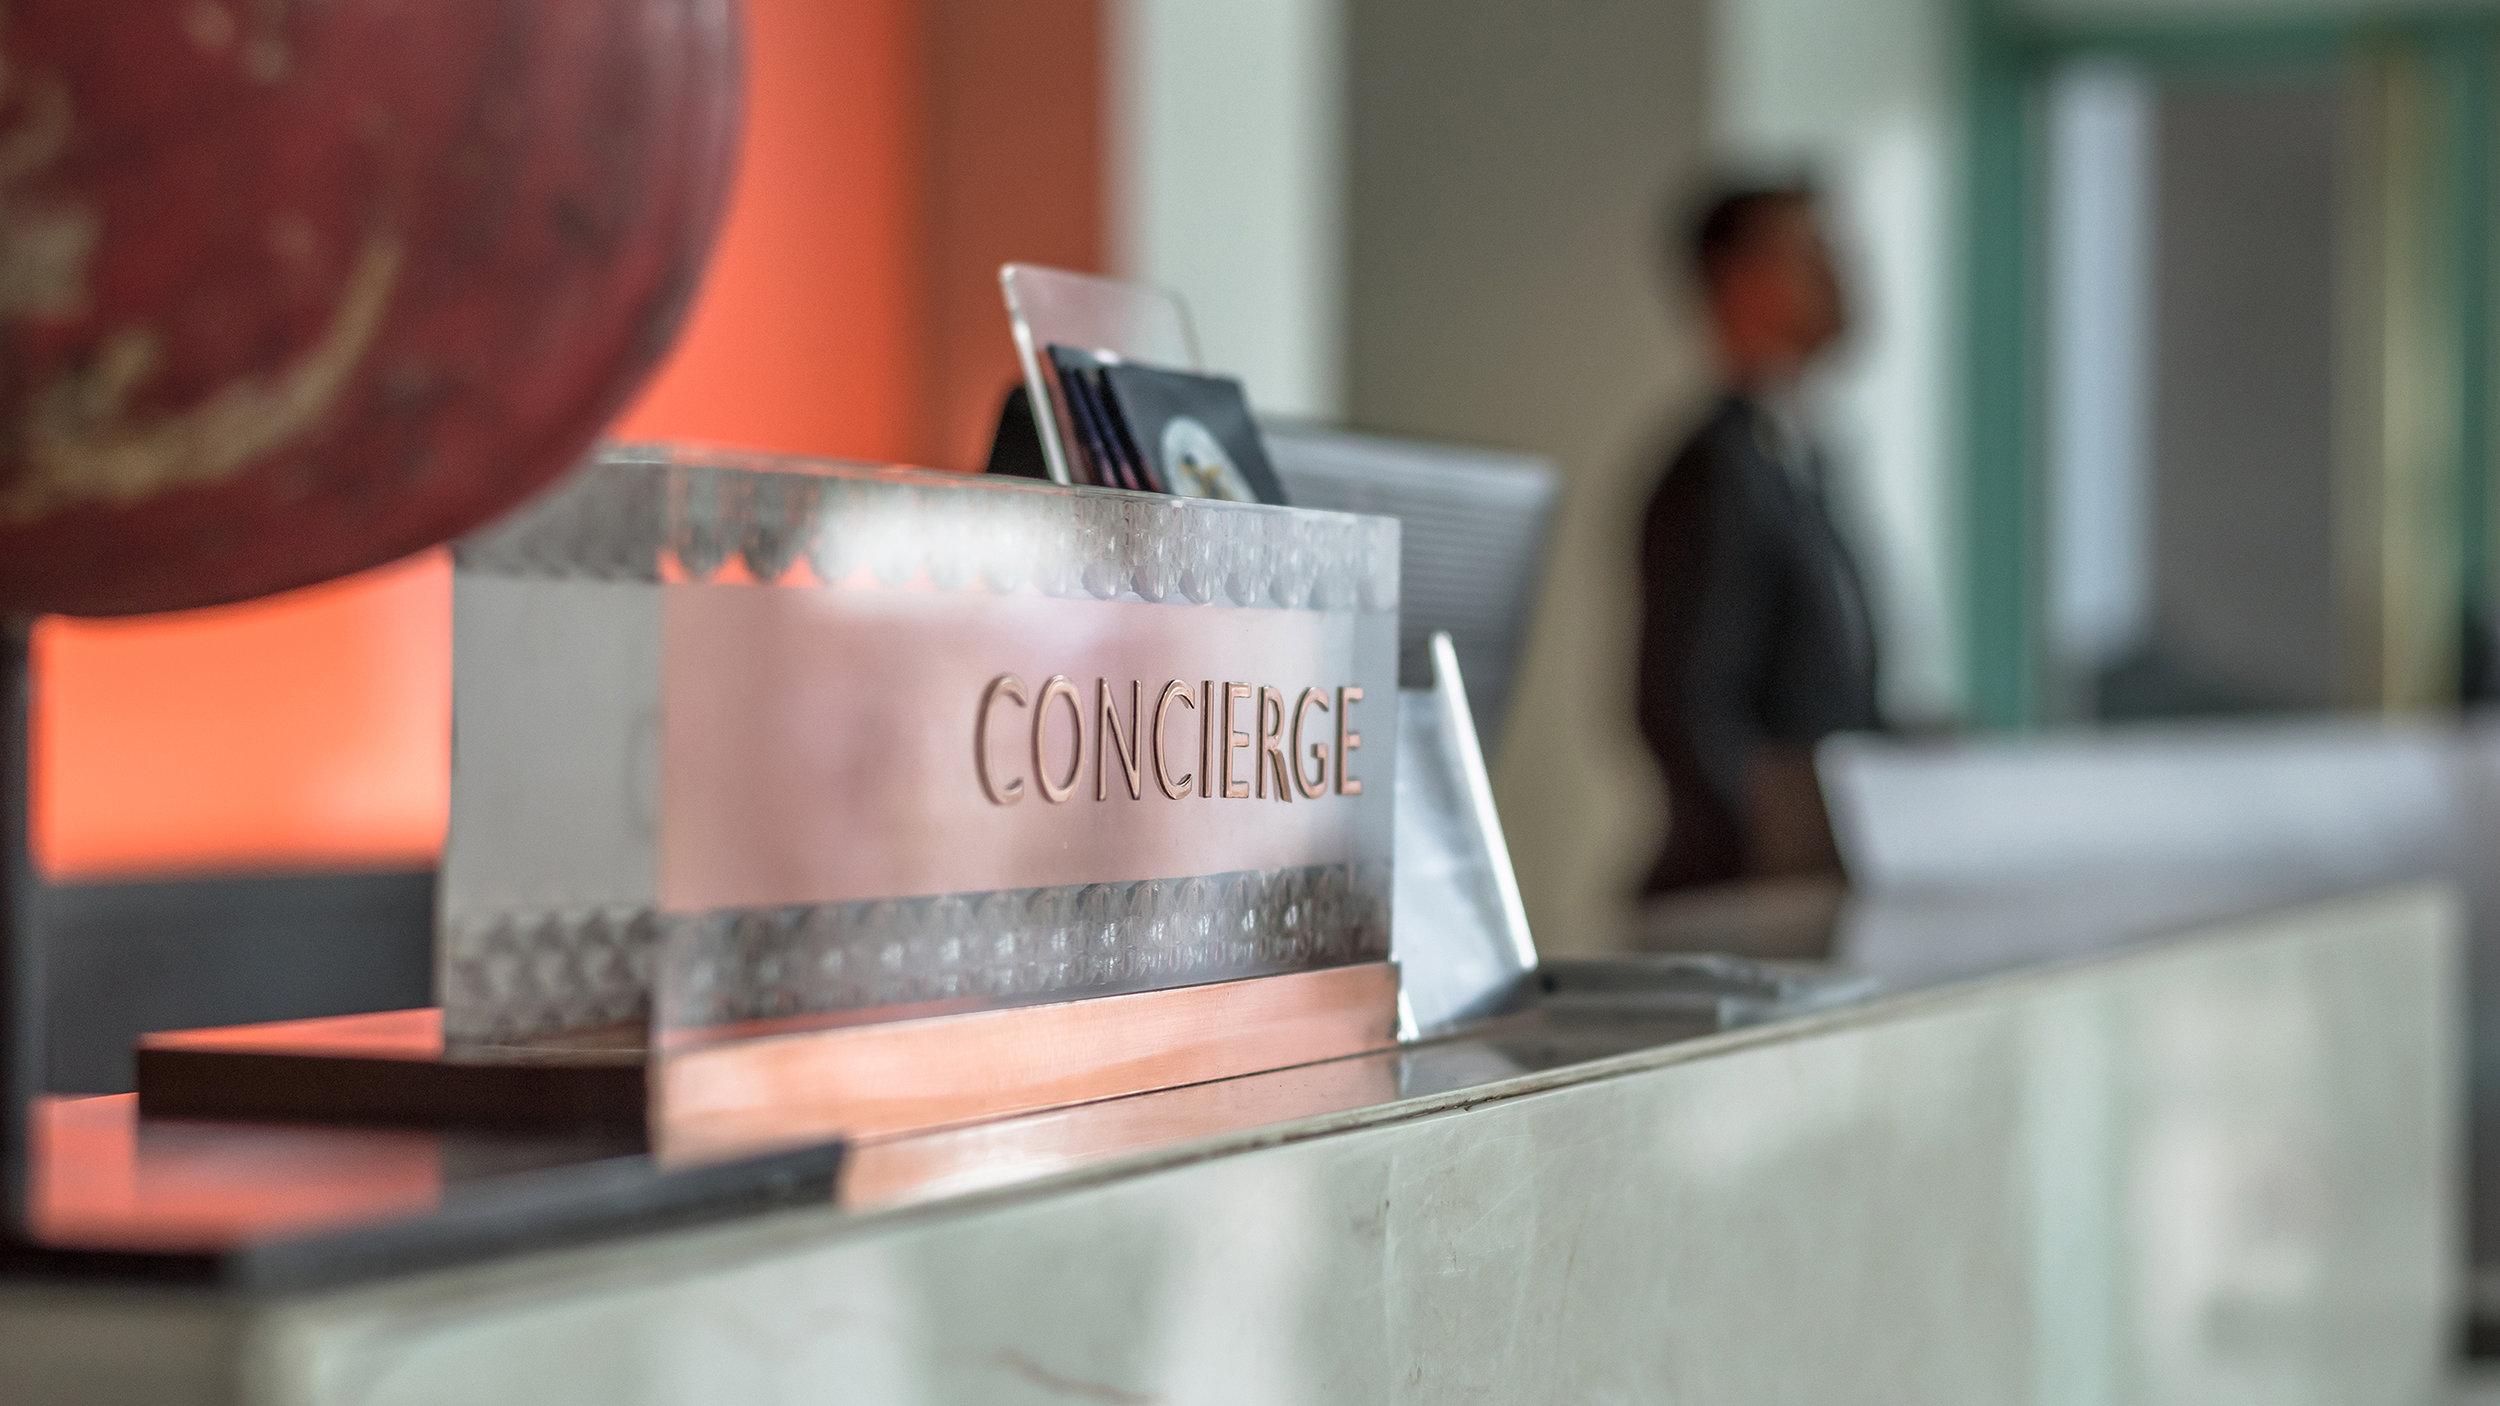 concierge rewards services.jpg